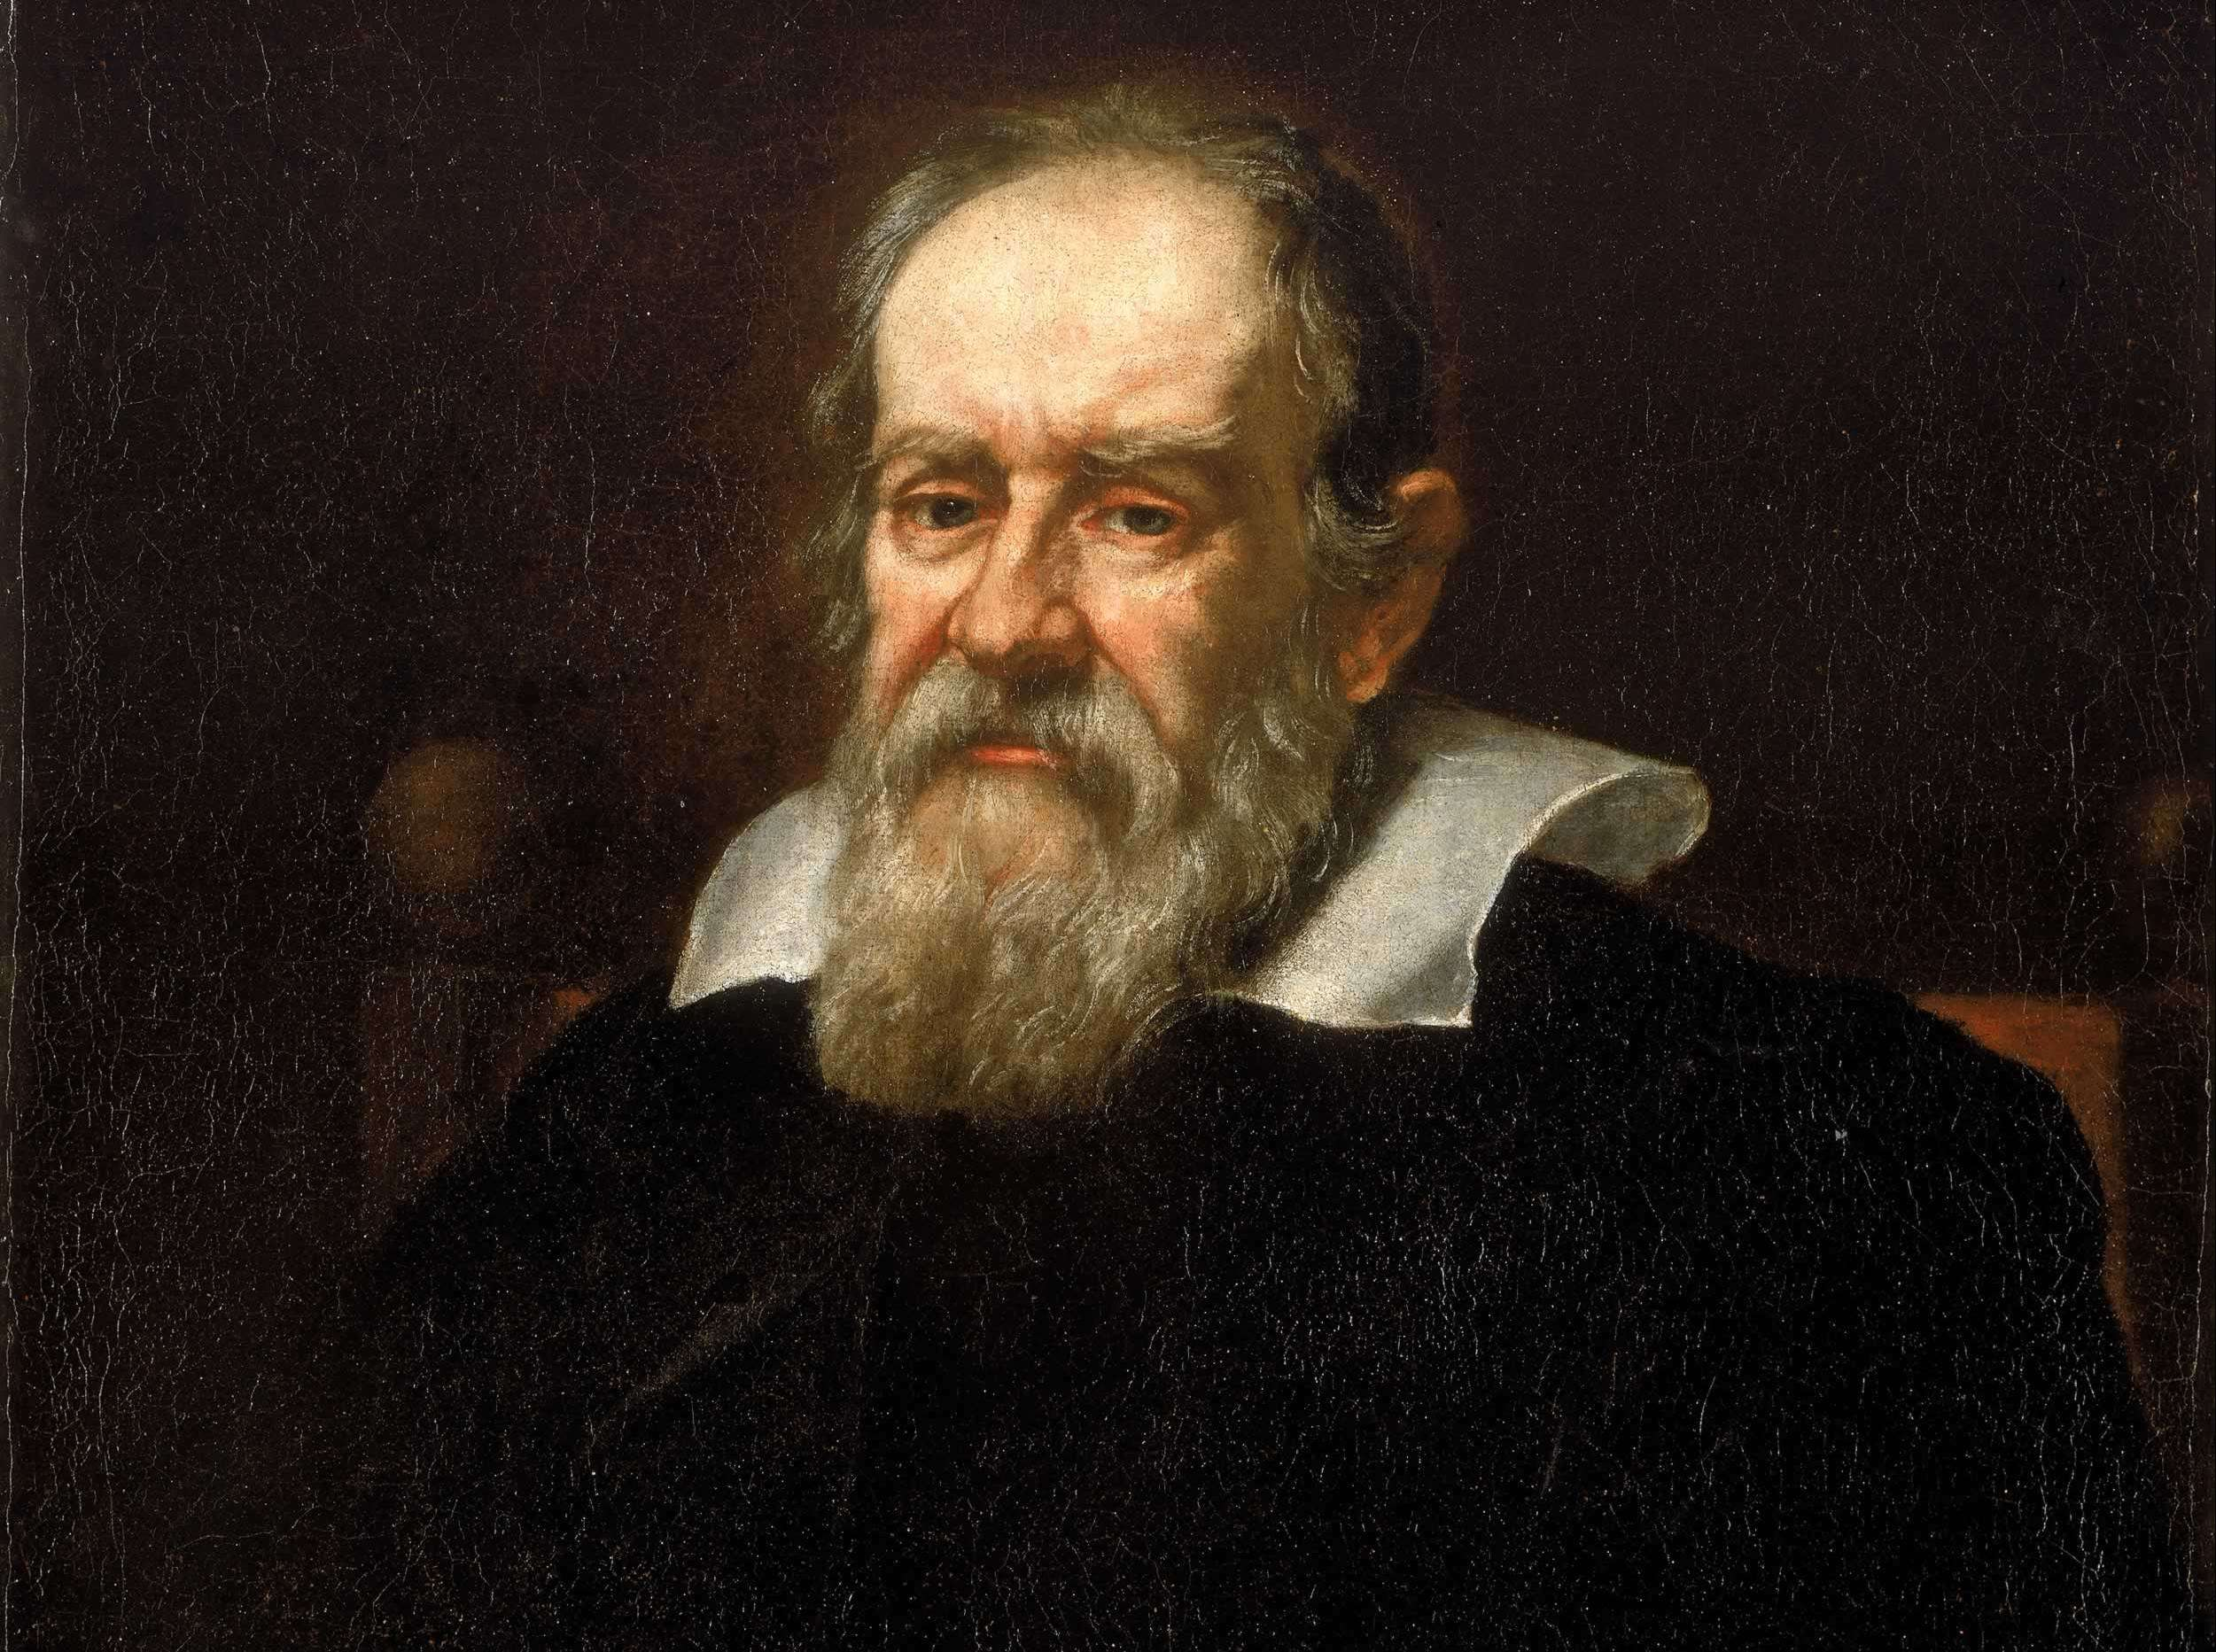 Ο Γαλιλαίος Γαλιλέι (Galileo Galilei, 15 Φεβρουαρίου 1564 – 8 Ιανουαρίου 1642), γνωστός ως Γαλιλαίος, ήταν Ιταλός φυσικός, μαθηματικός, αστρονόμος και φιλόσοφος, που έπαιξε σημαντικό ρόλο στην επιστημονική επανάσταση.